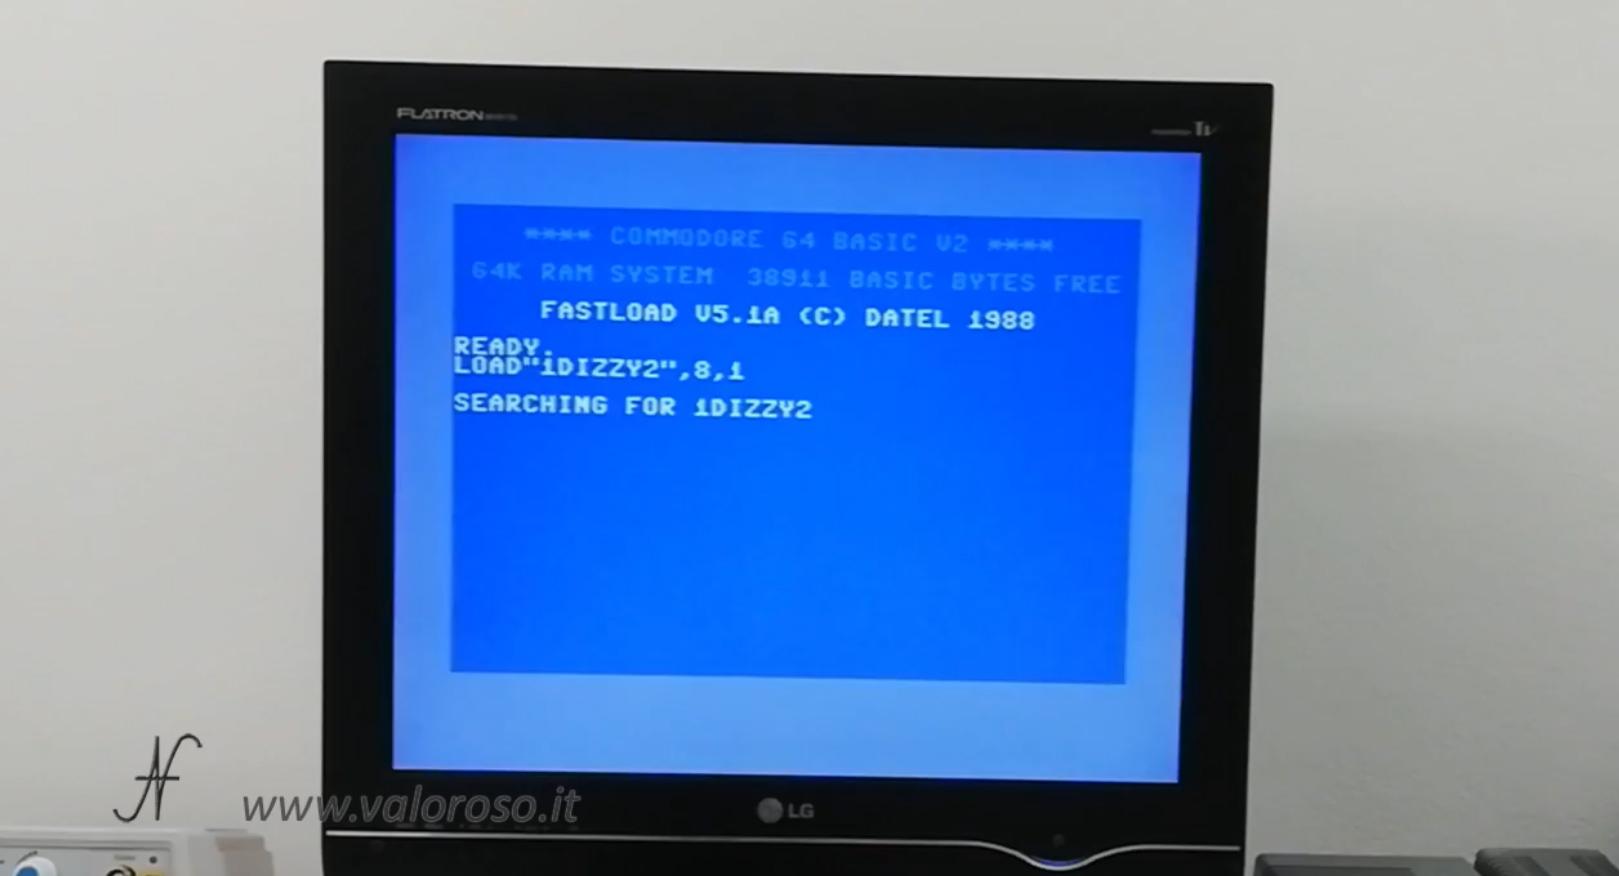 Datel Action Replay, Commodore 64, disk load 1541, caricamento videogioco da floppy disk drive 1541, fastload